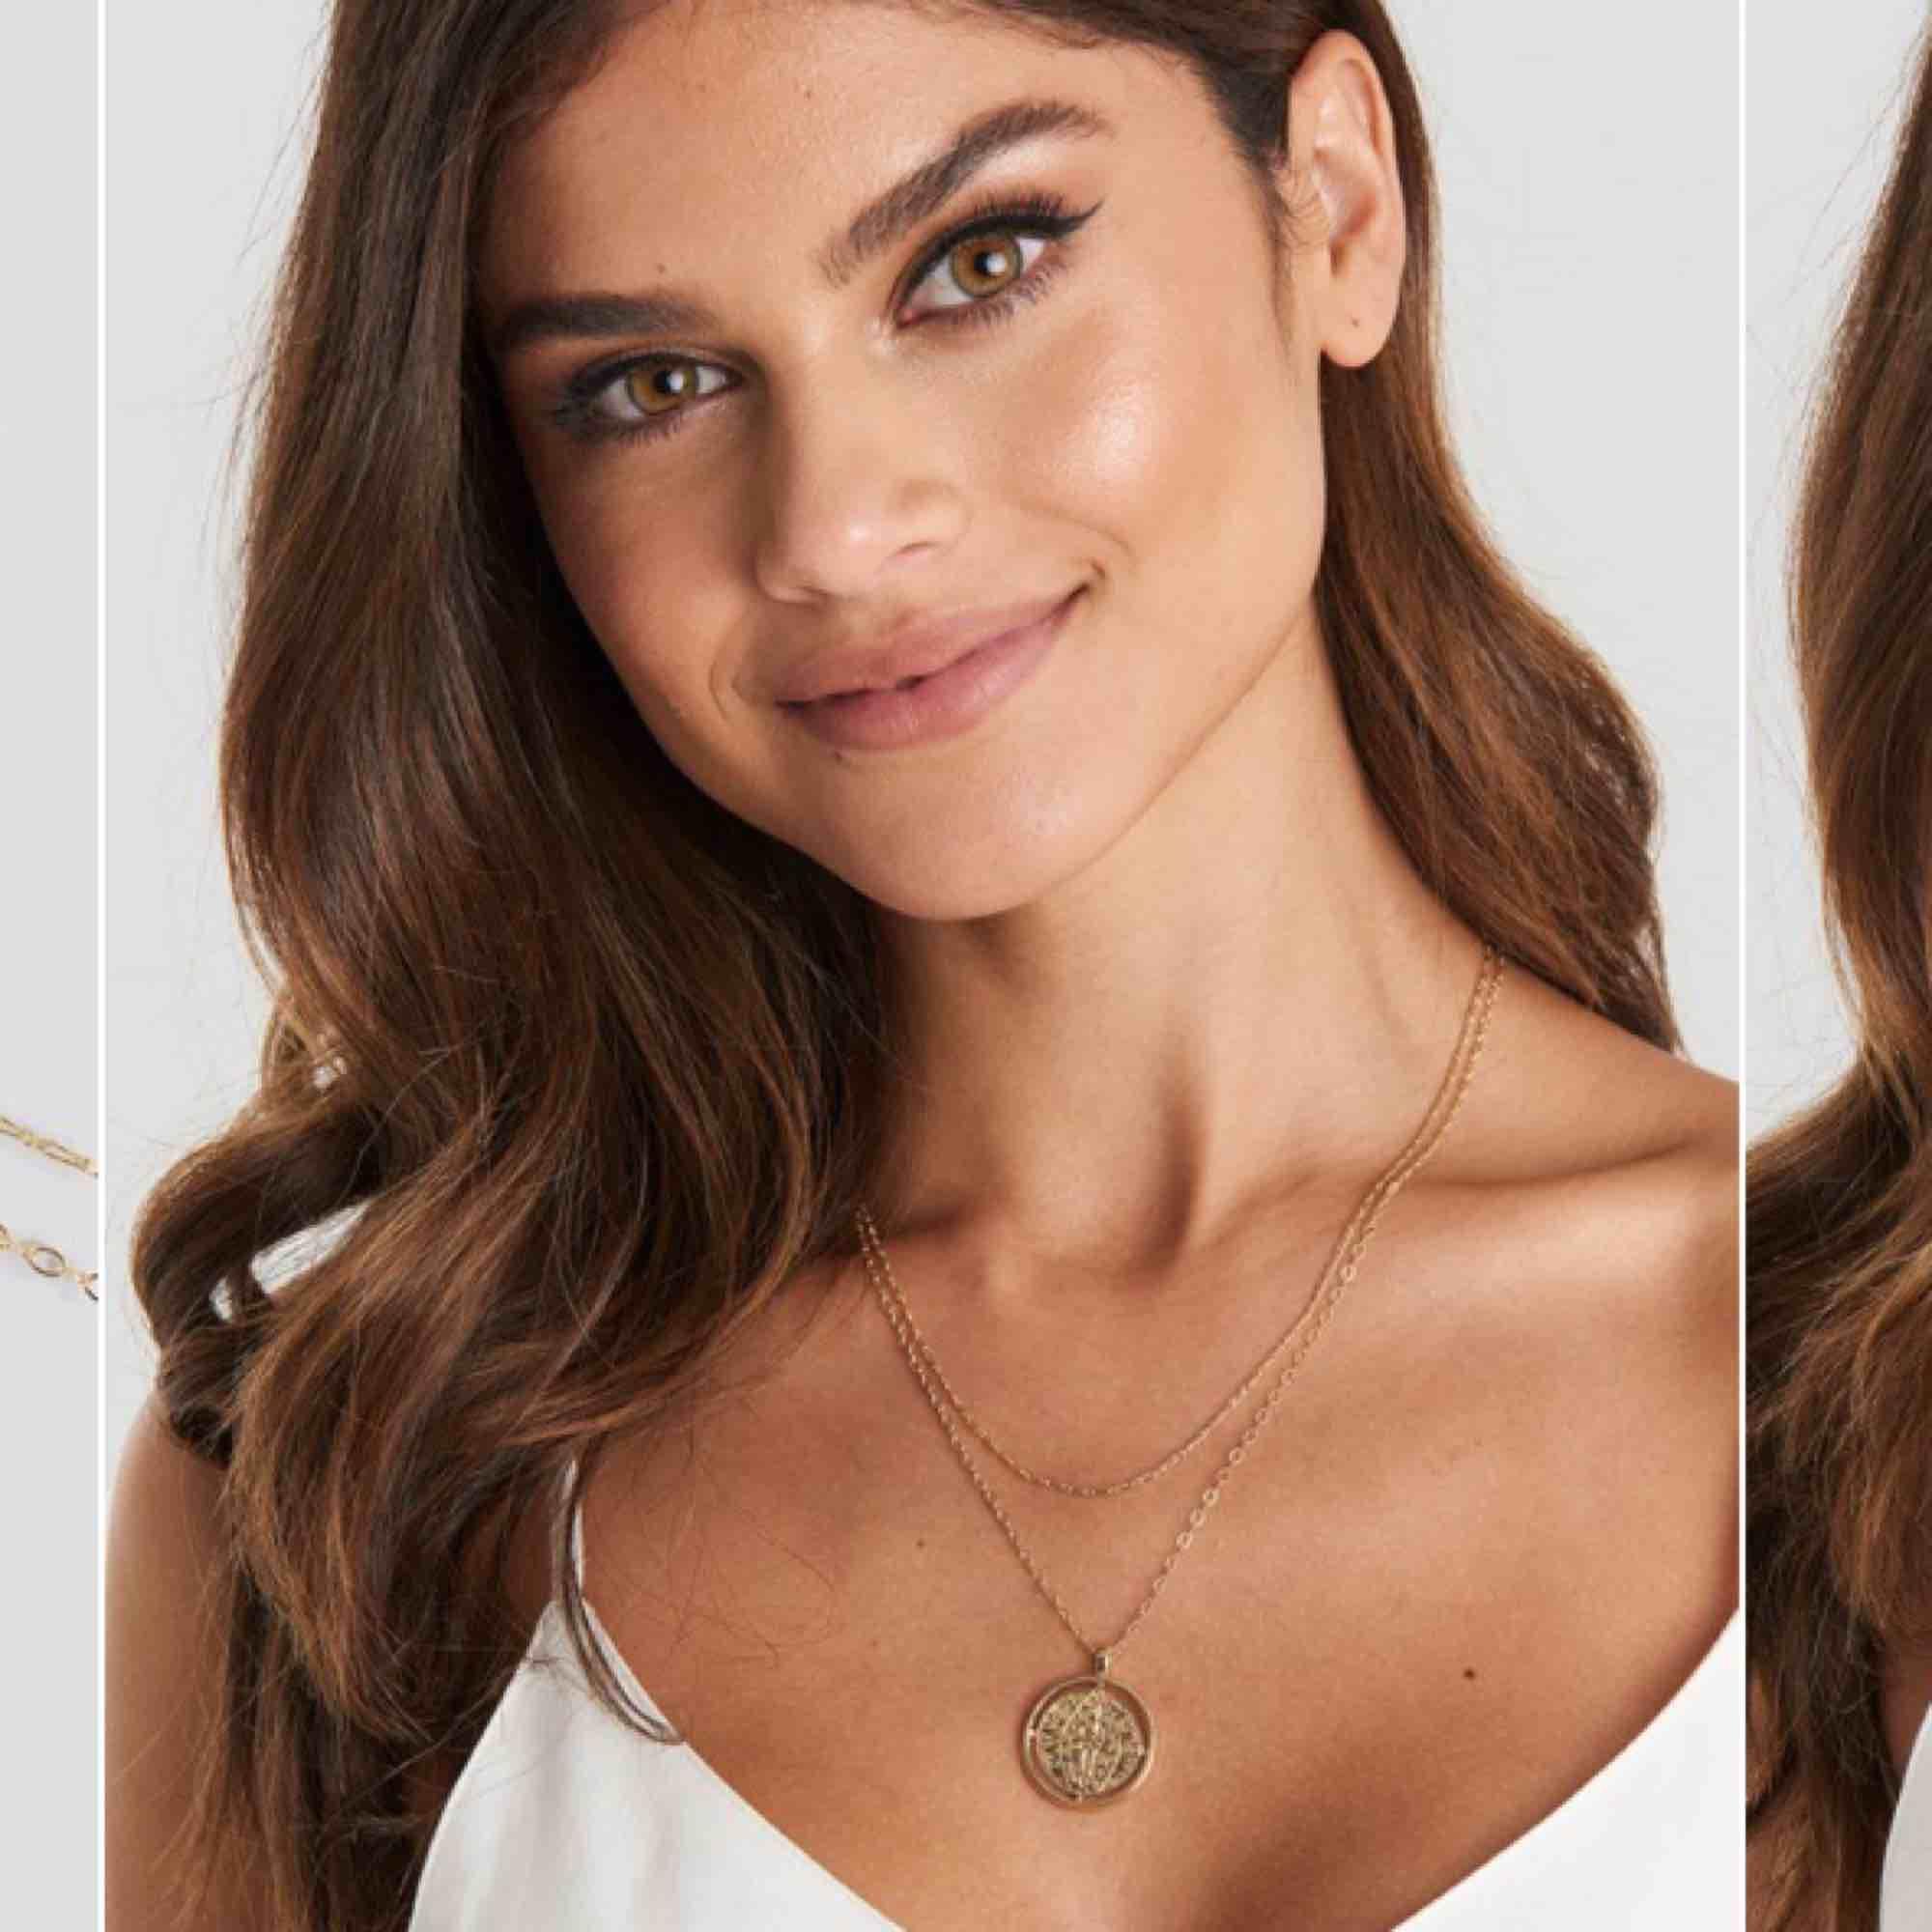 Guldigt halsband, endast använt en gång. Frakt ingår i priset. Accessoarer.